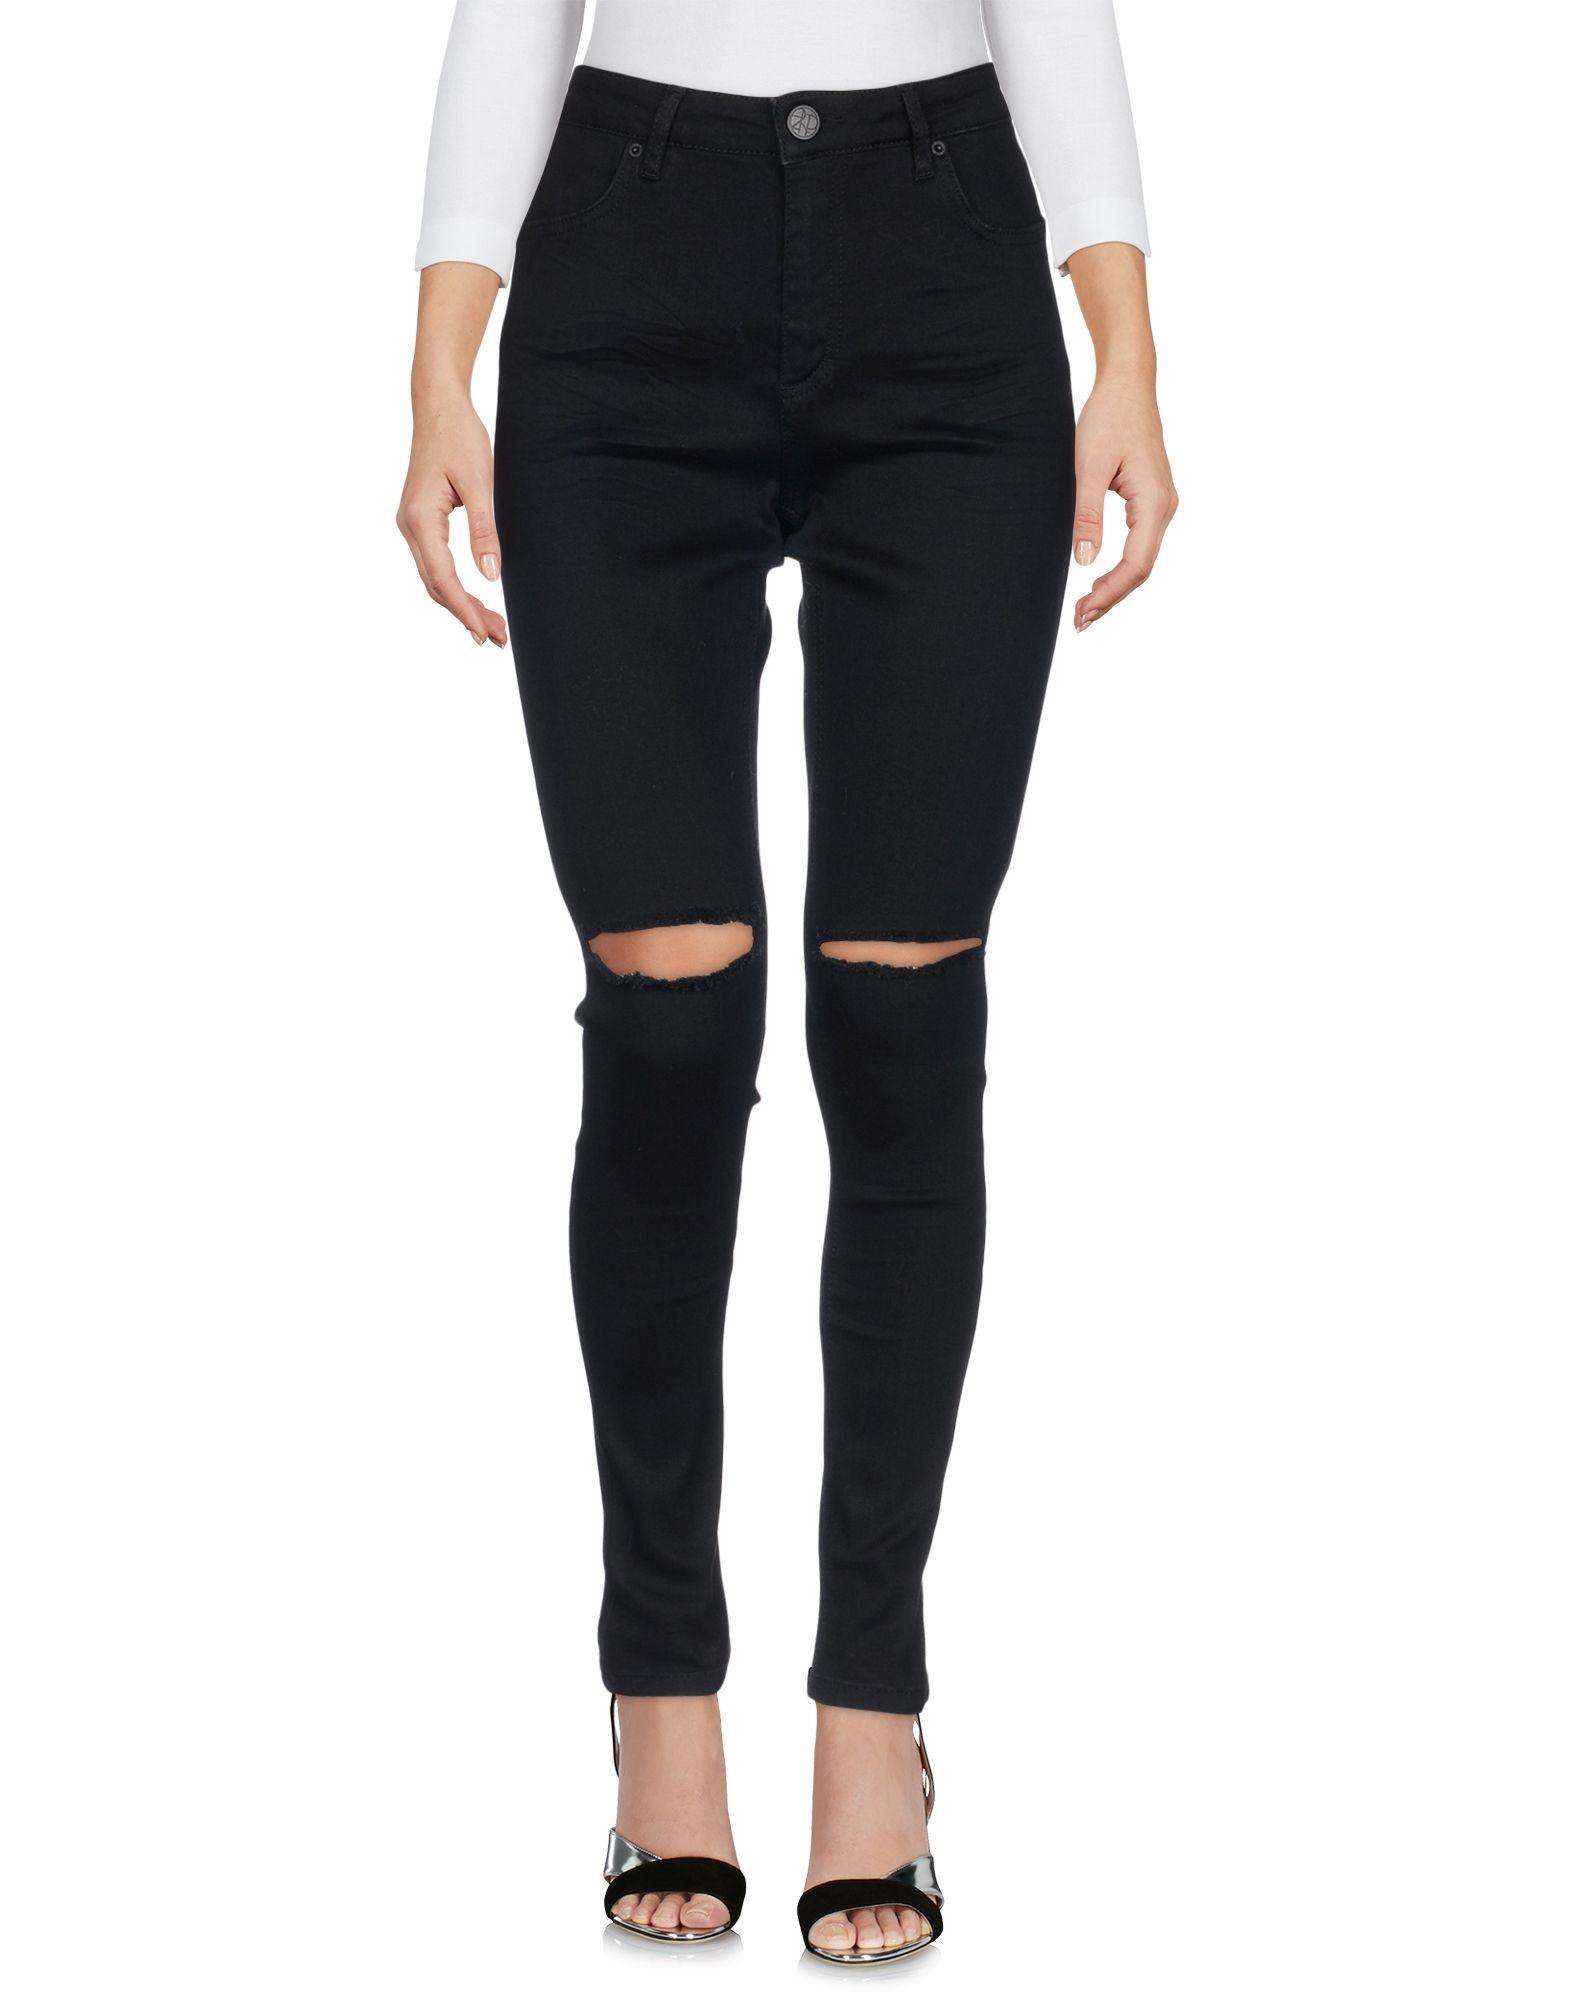 2ND ONE Damen Jeanshose Farbe Schwarz Größe 4